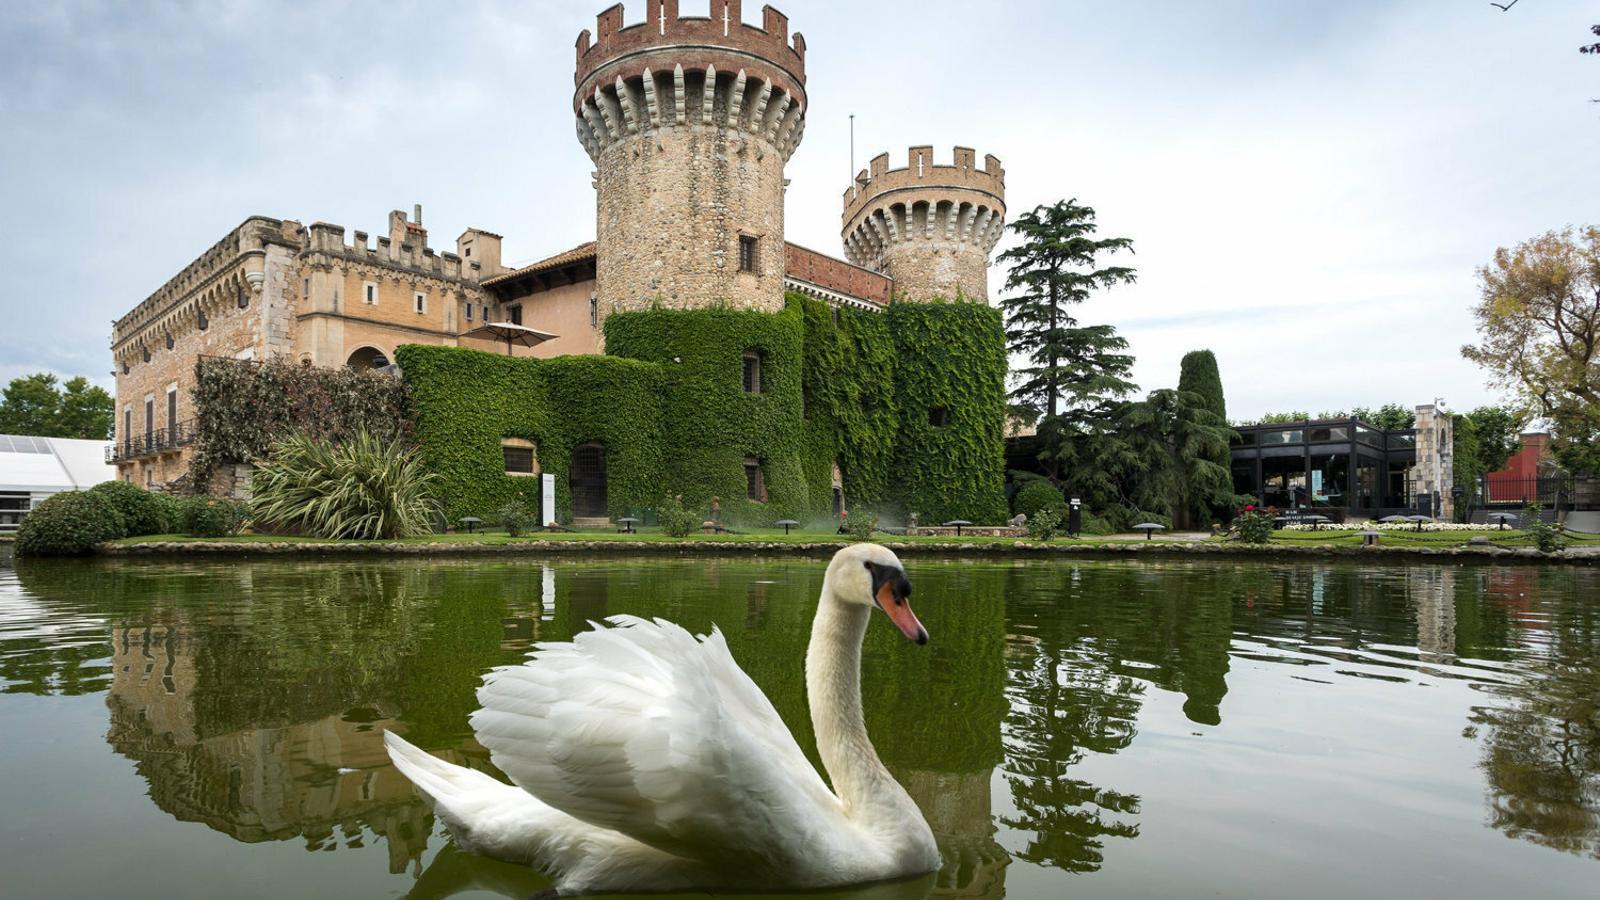 Tant el castell, molt reconstruït, com els jardins tenen molta història.